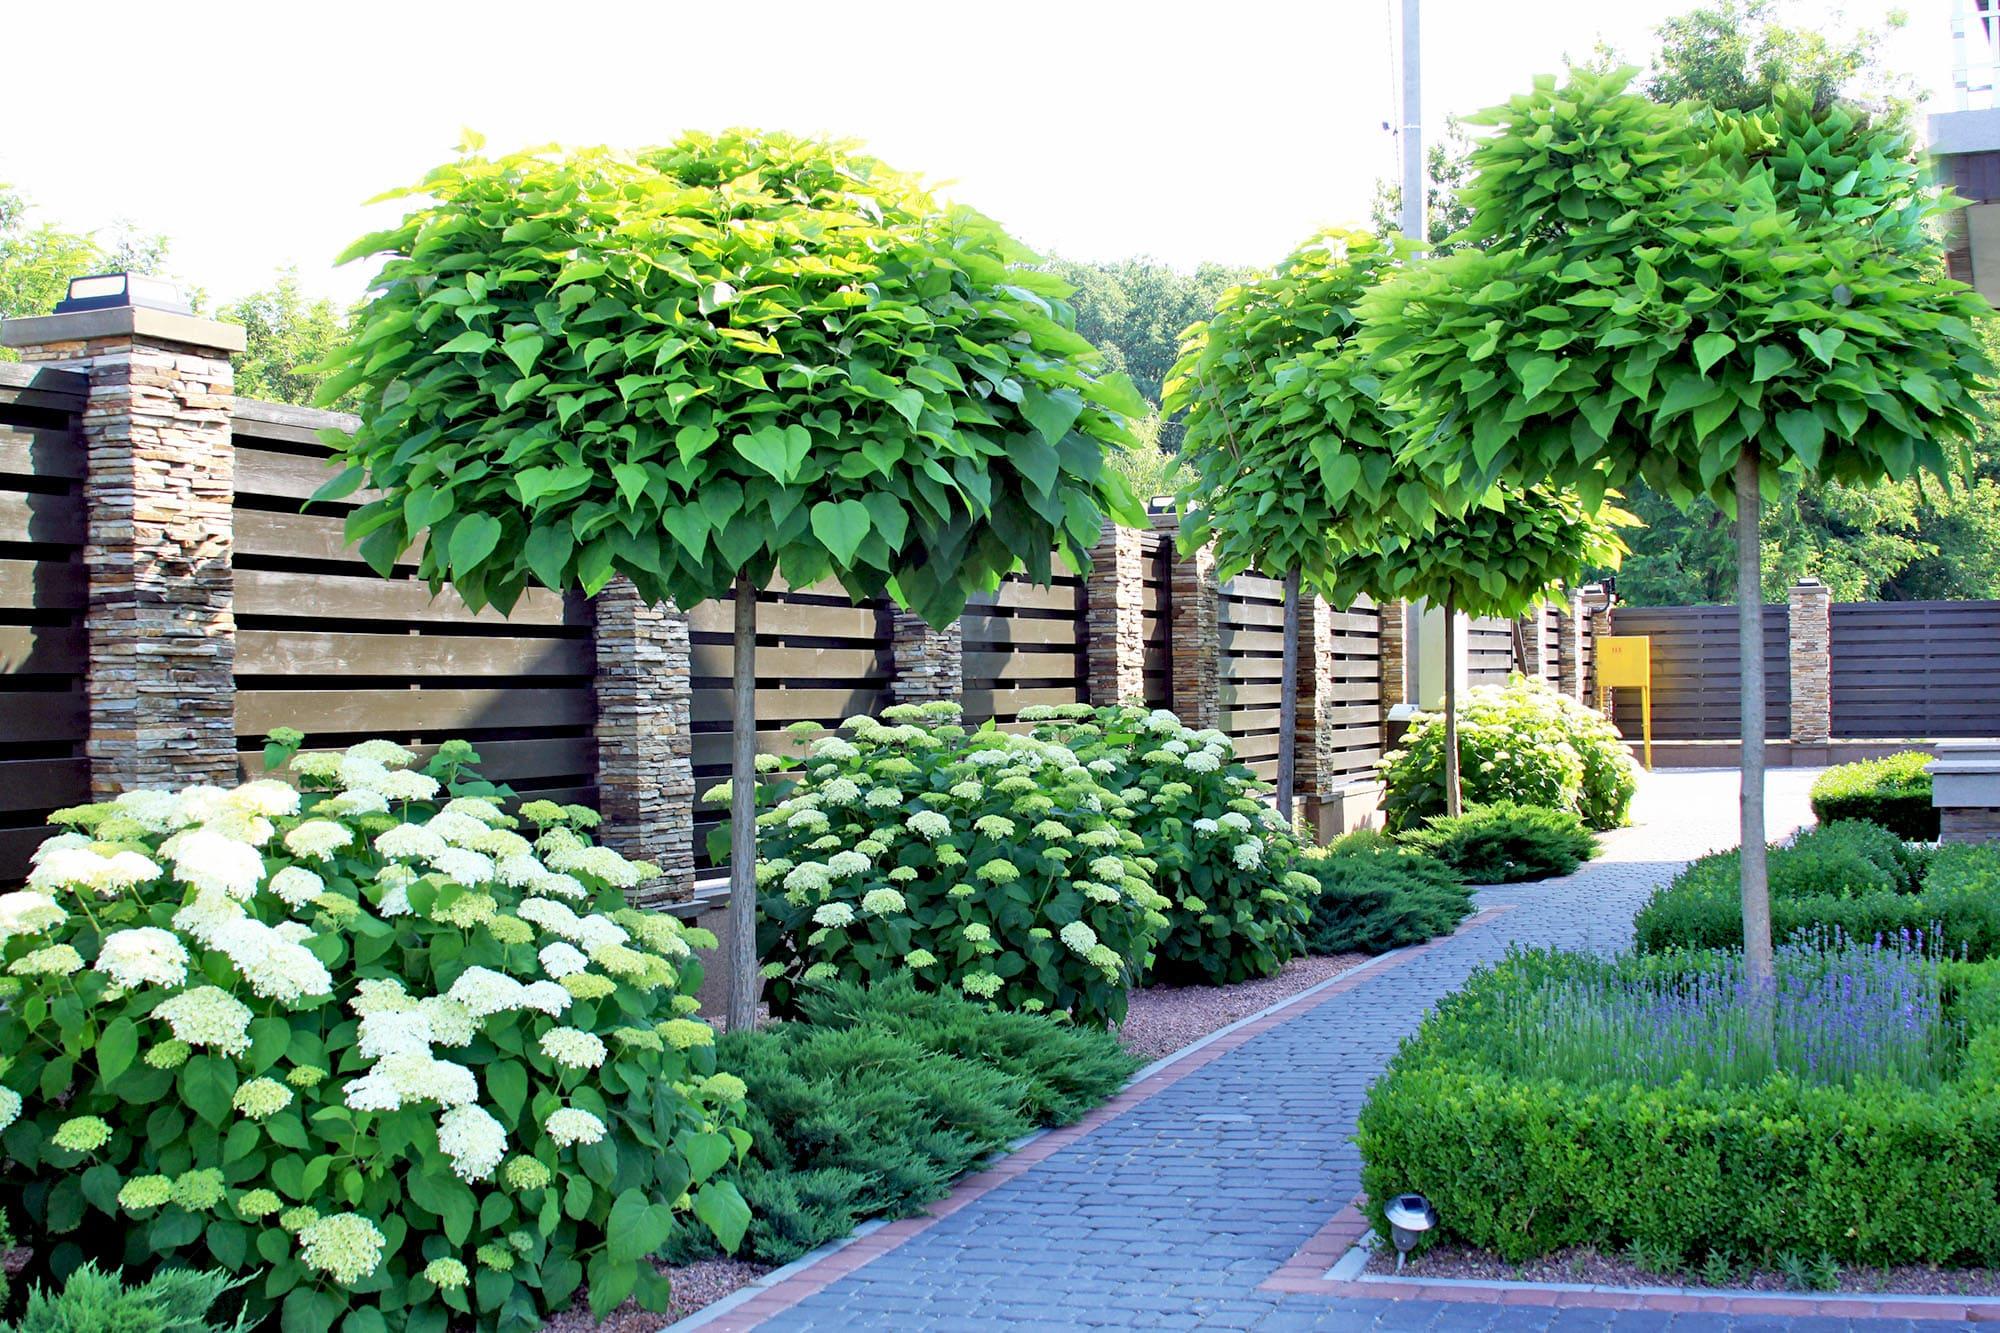 Ландшафтный садовый дизайн небольшого участка. Фото Магии сада